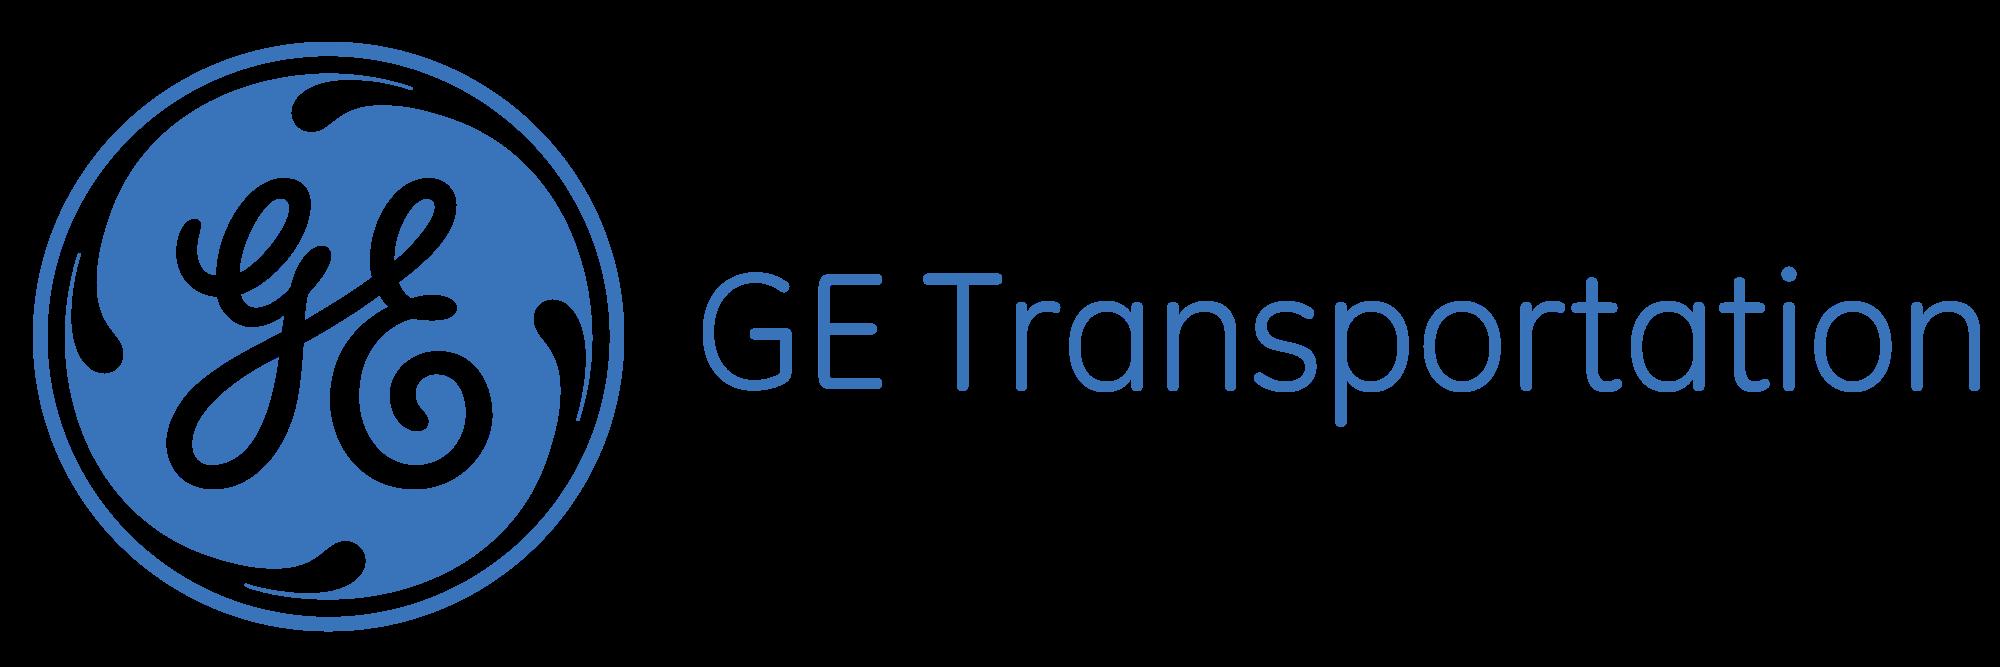 GE Transportation.png